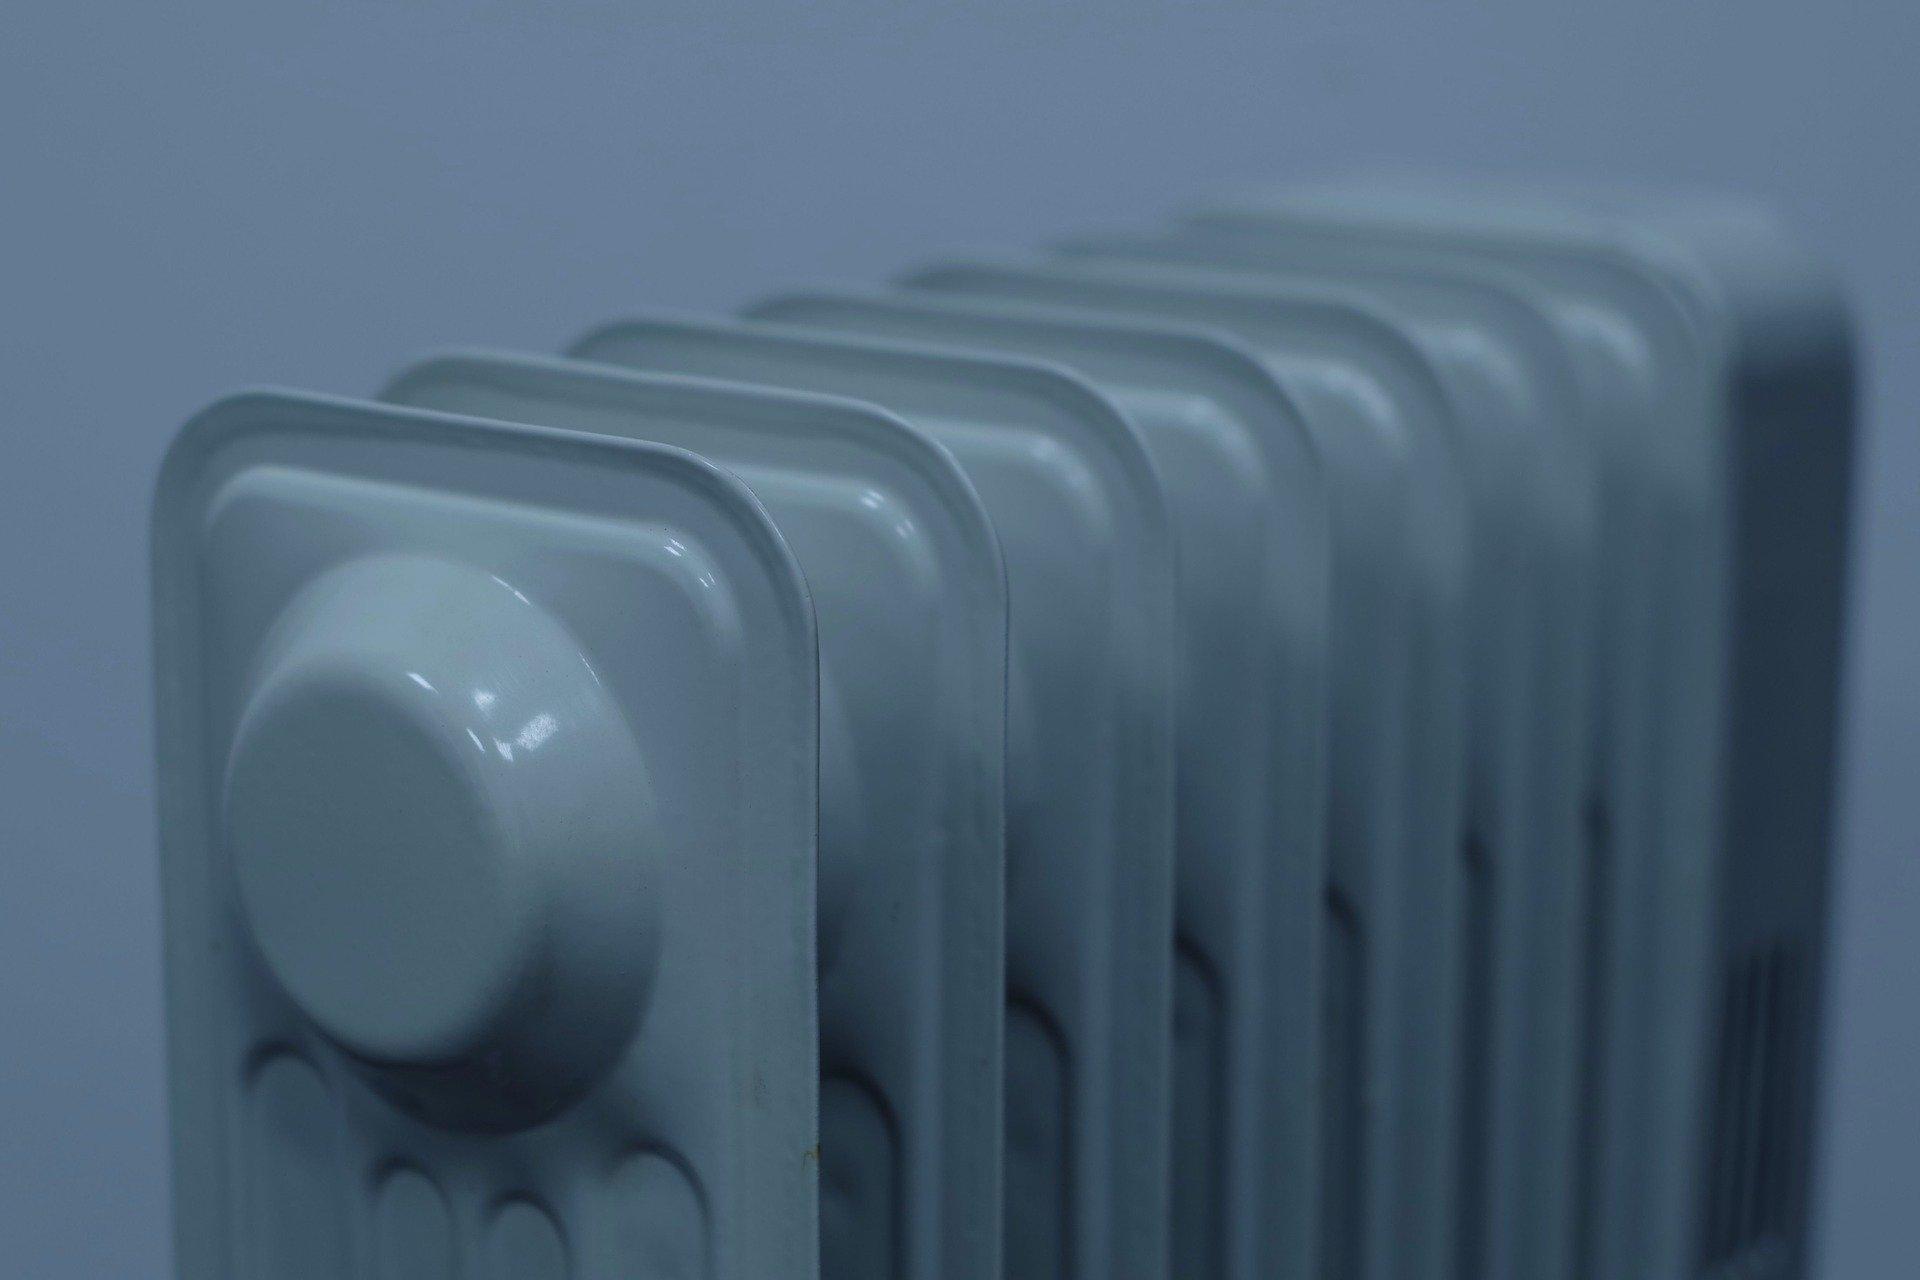 Отопление в Москве включили в 90 процентах жилых домов. Фото с pixabay.com